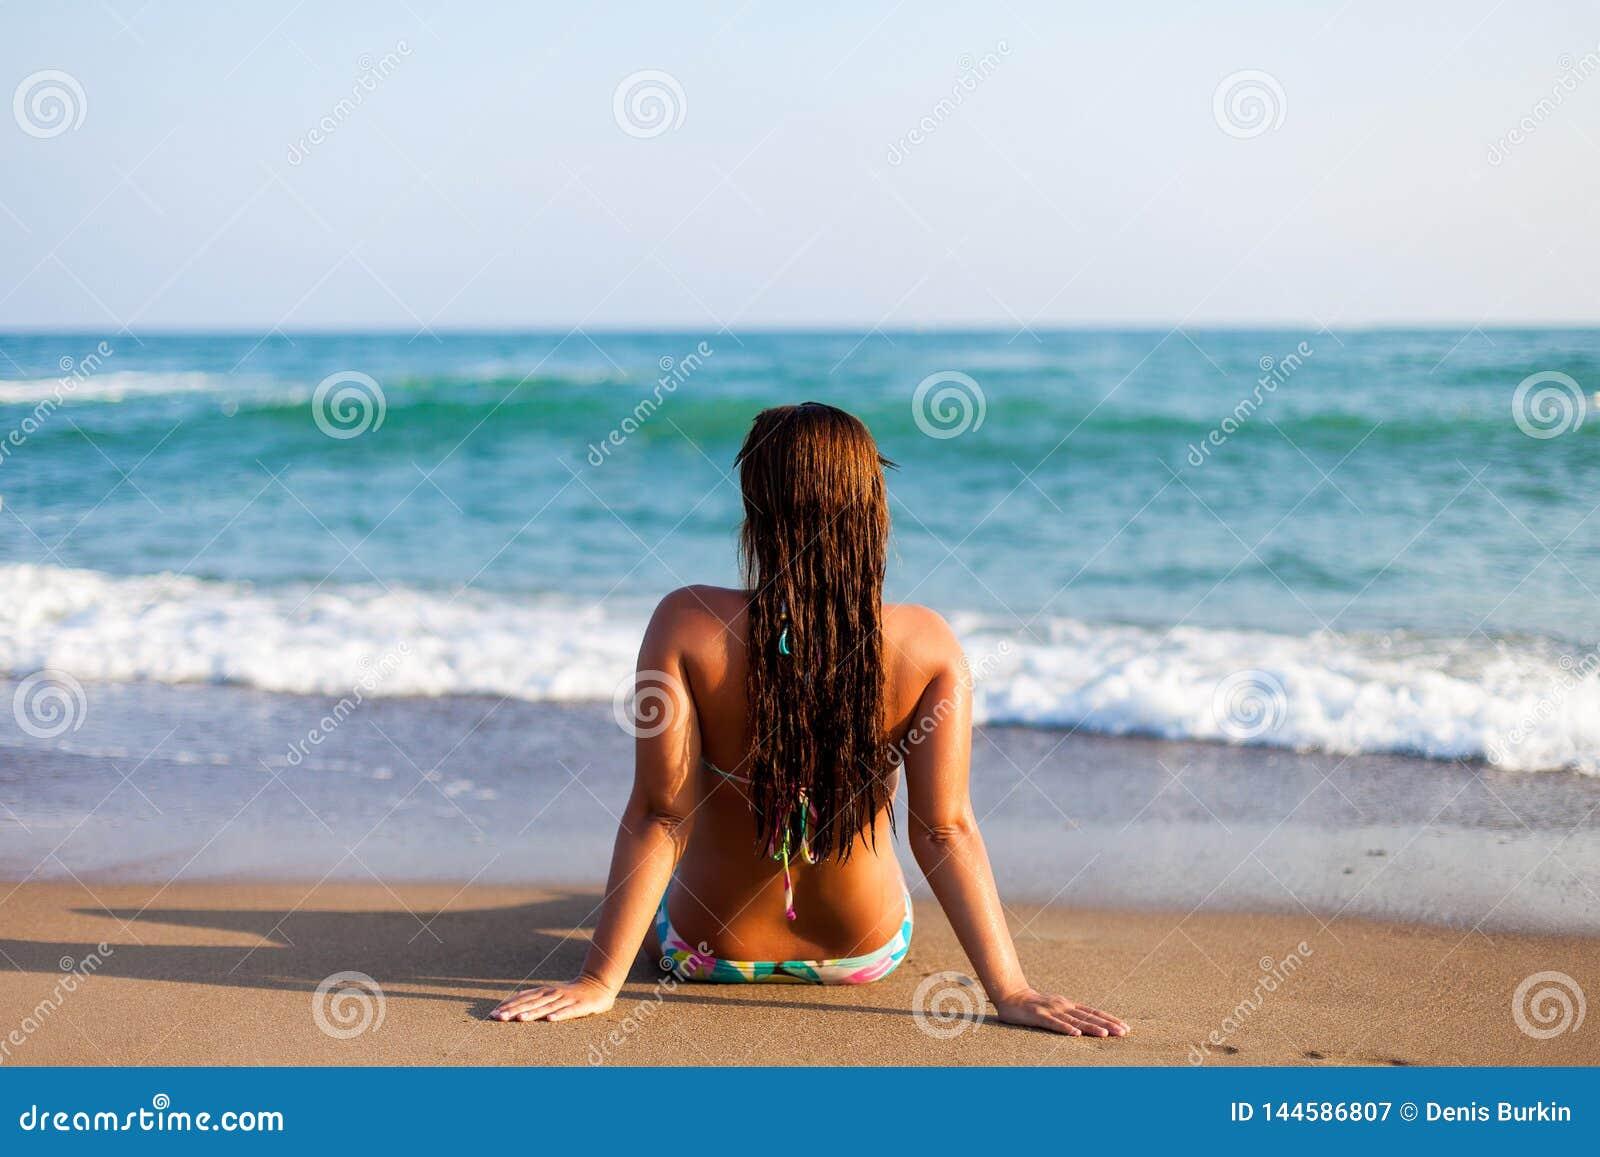 Silueta de la mujer joven en la playa Mujer joven que se sienta delante de la playa Muchacha en el bikini que se relaja en la pla